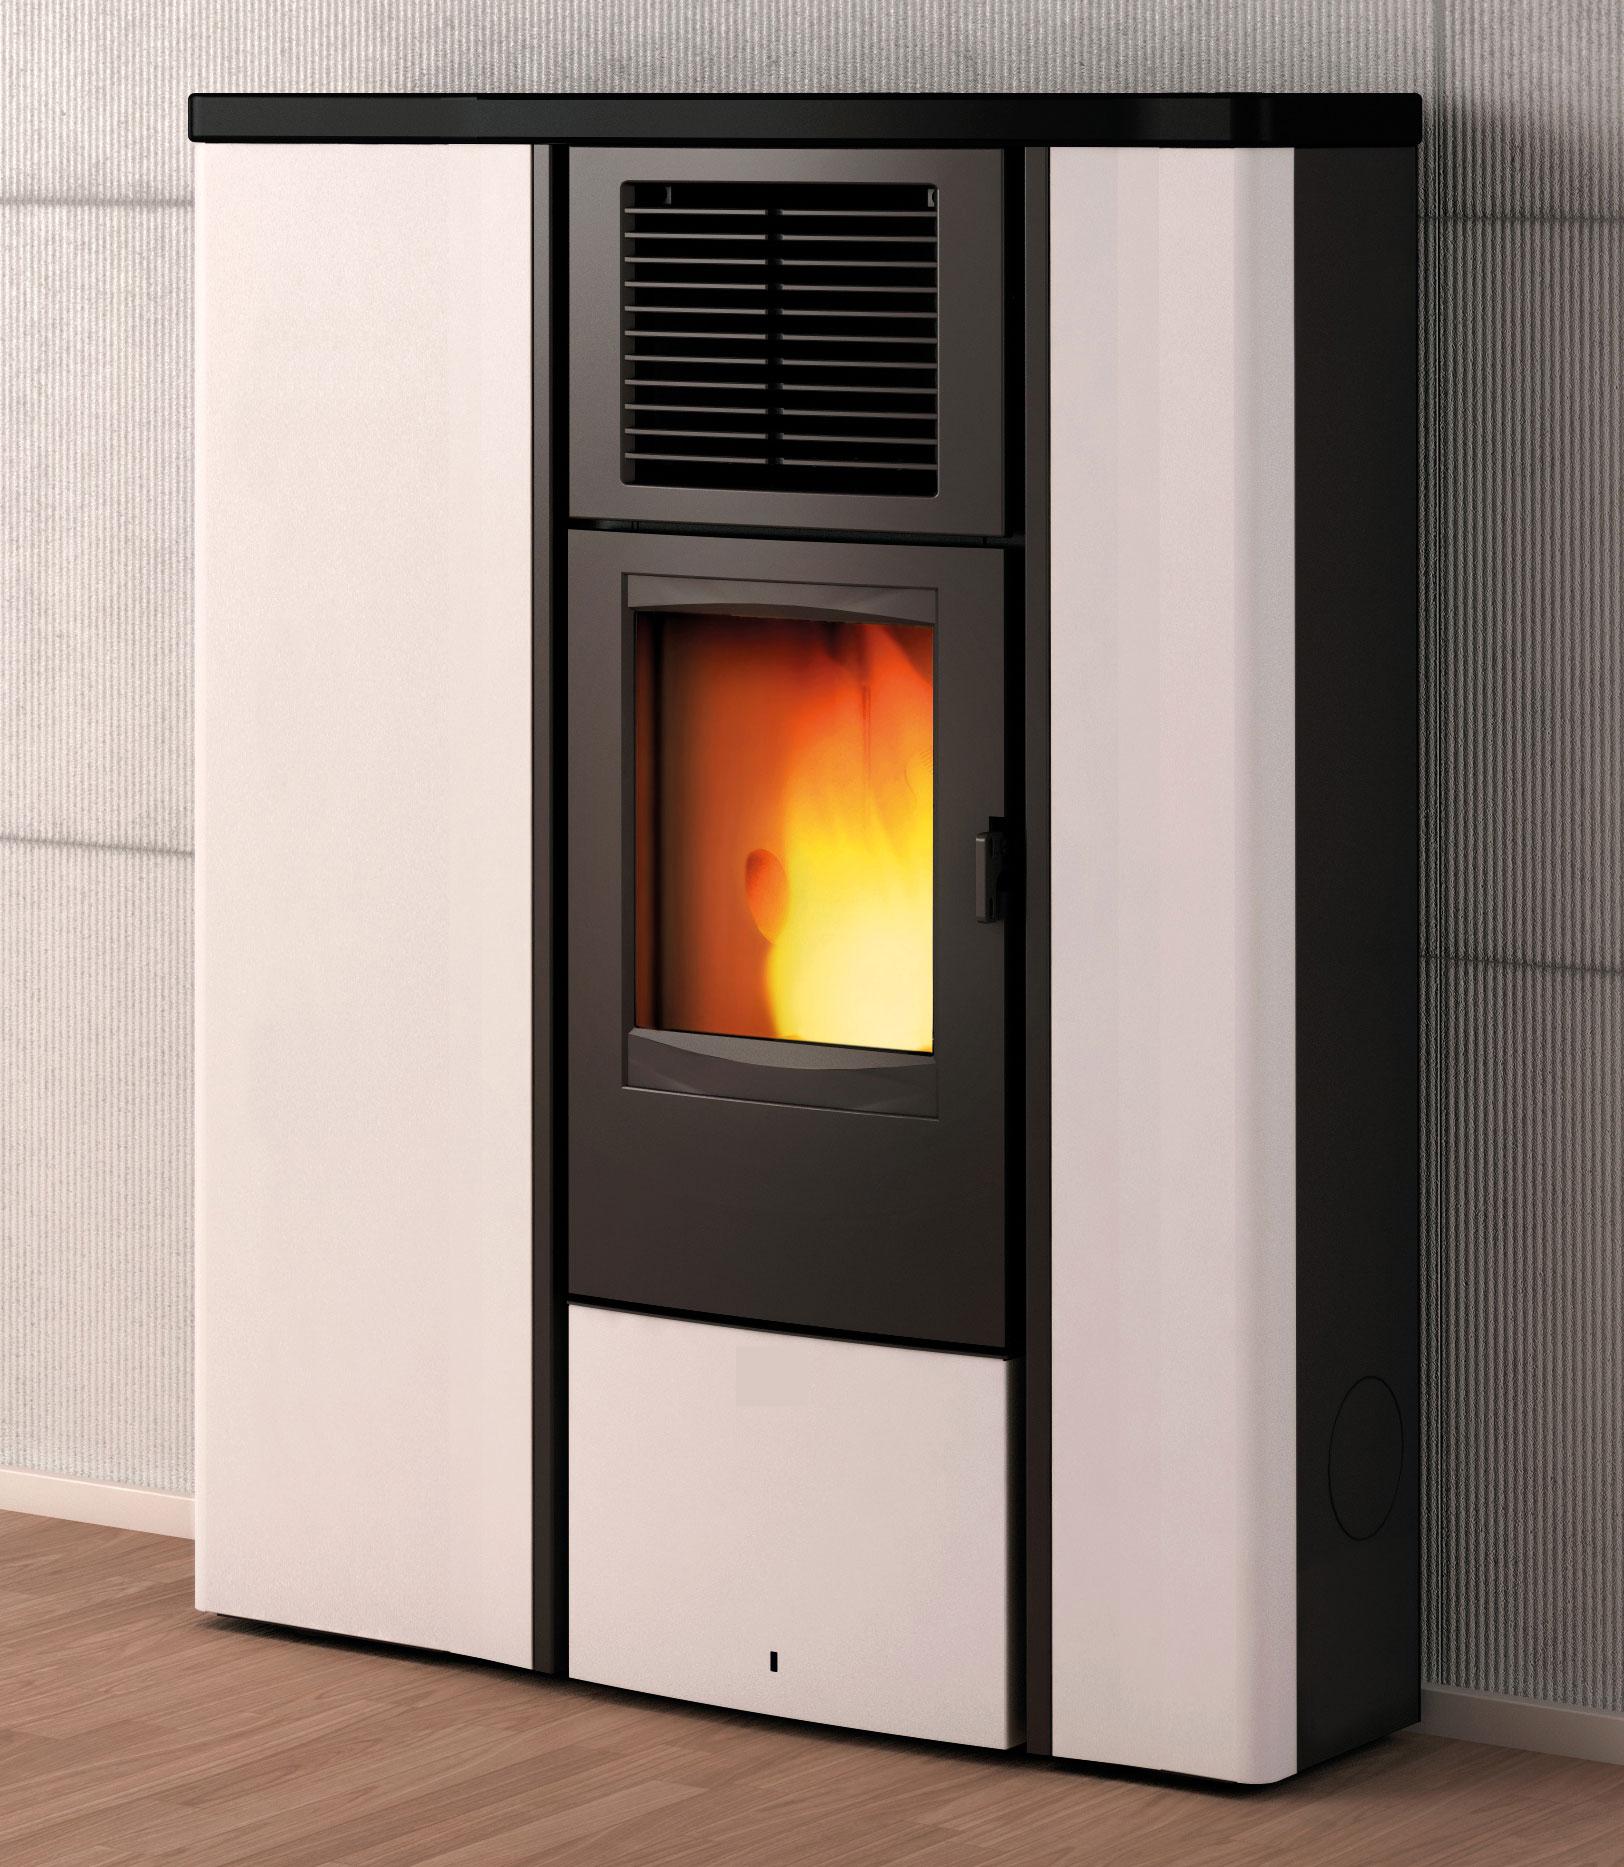 wamsler pelletofen westminster po 90 wei schwarz 8 5kw. Black Bedroom Furniture Sets. Home Design Ideas